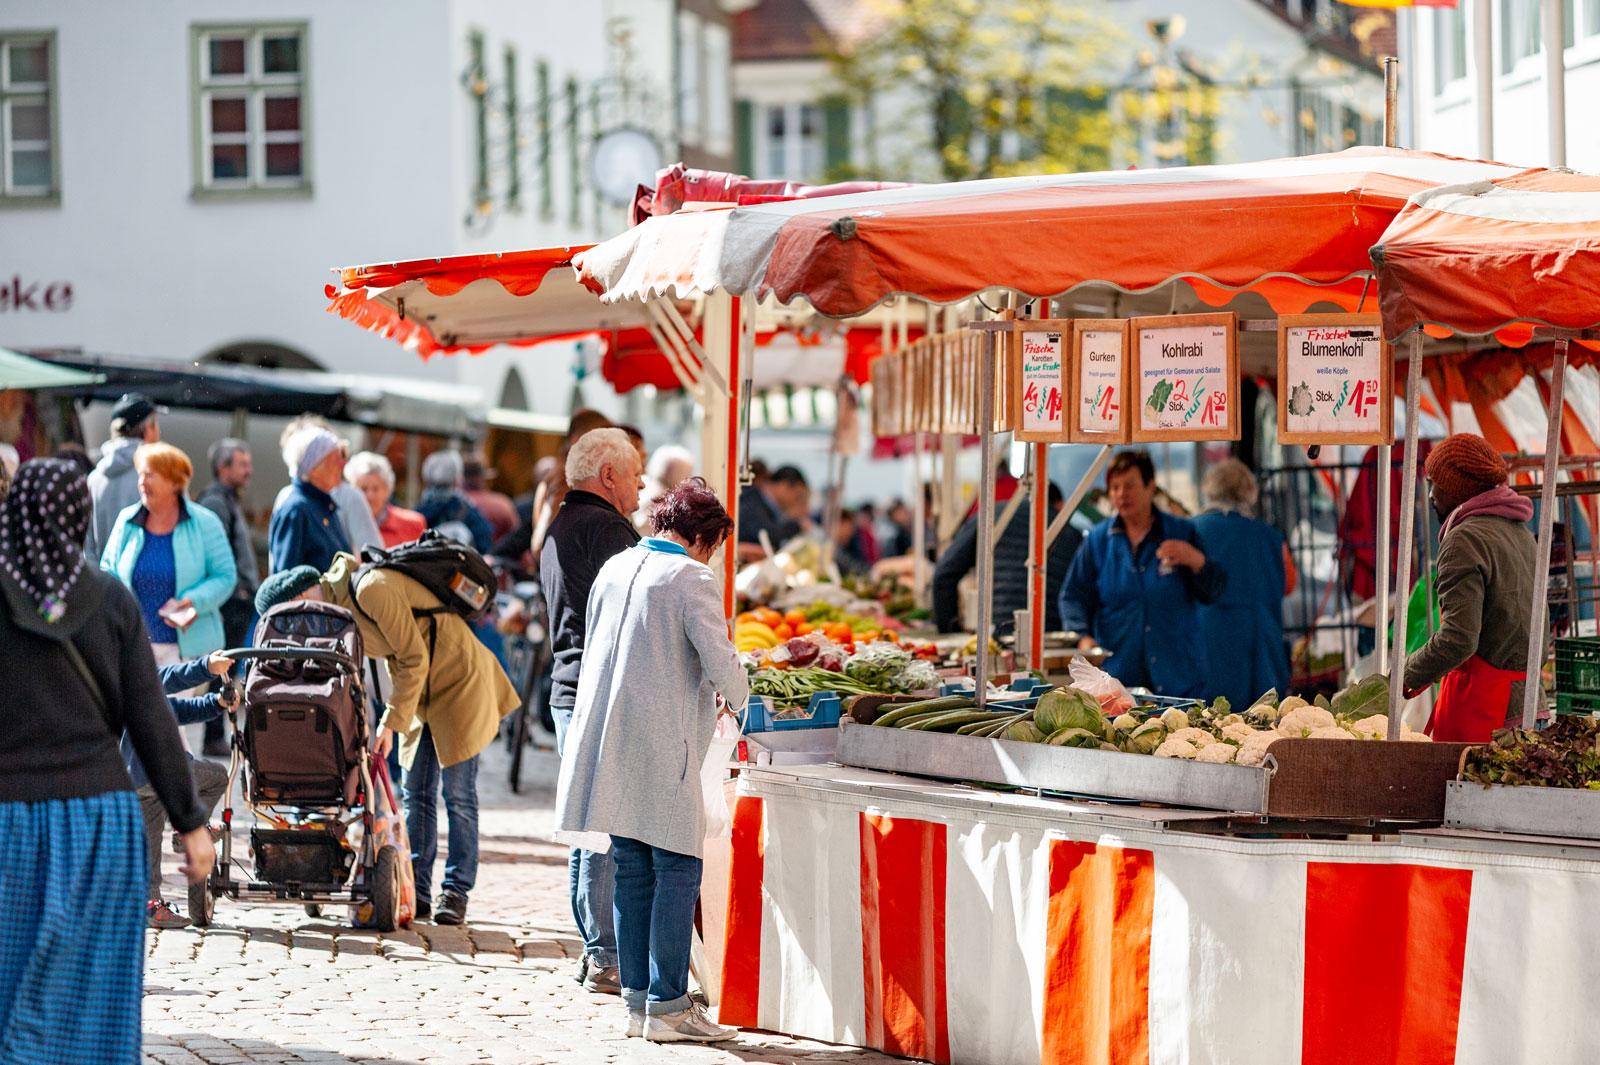 Wochenmarkt in Leutkirch Gemüsestand